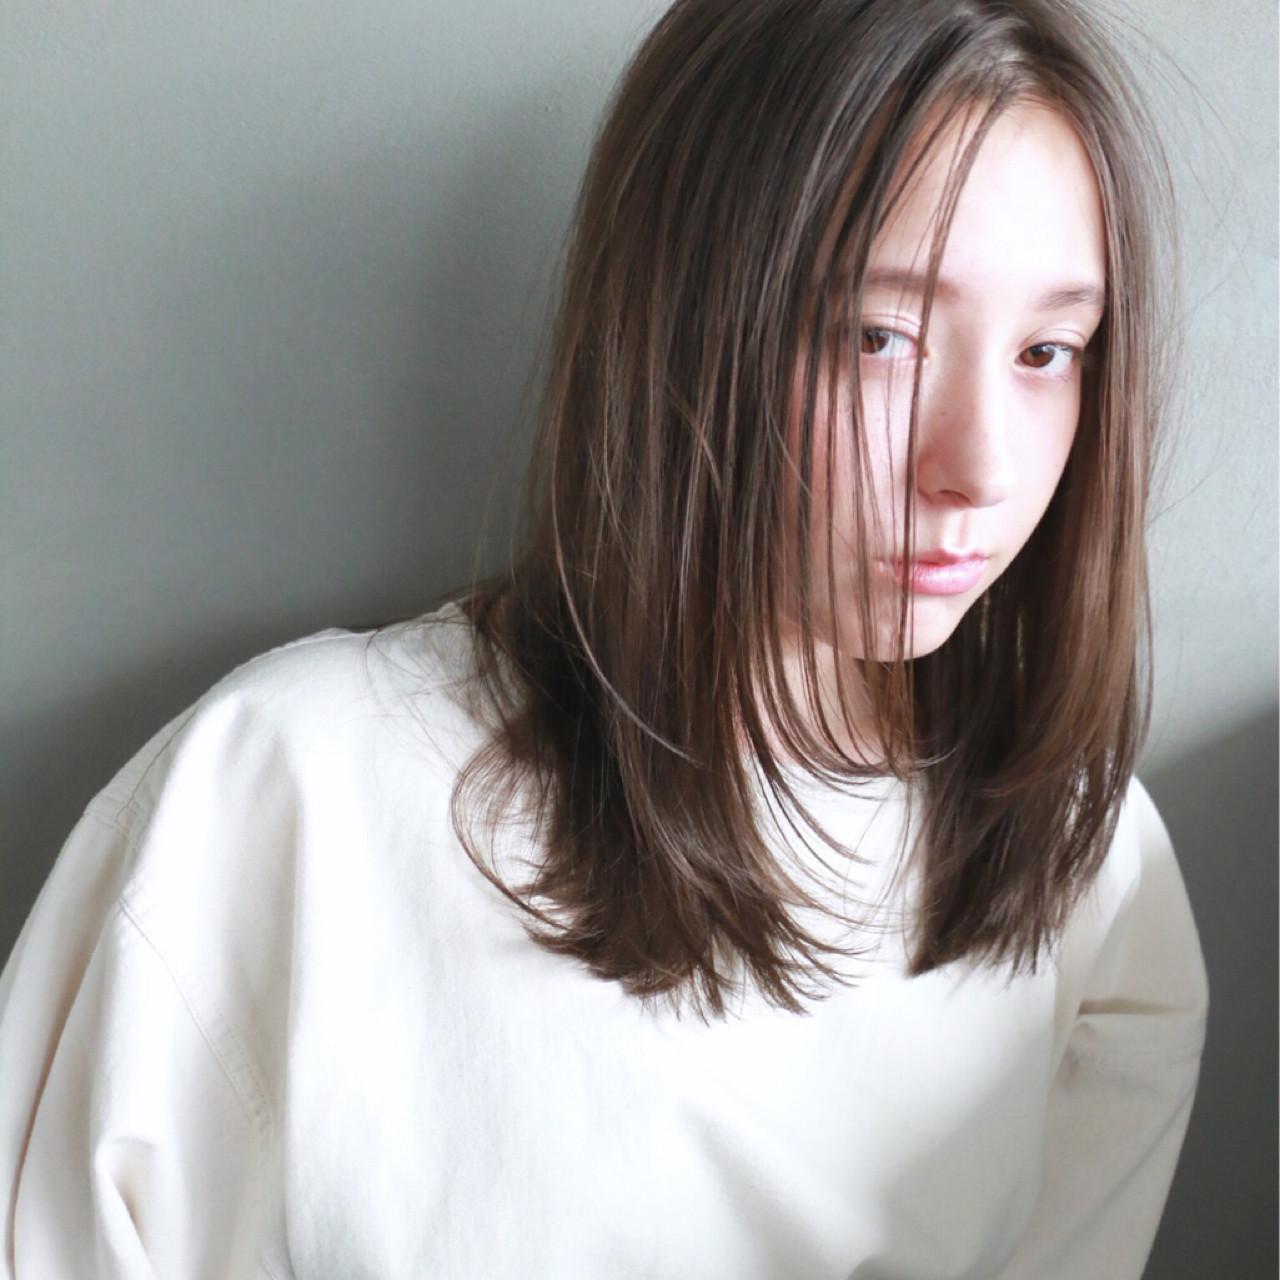 ストレート フレンチセピアアッシュ ミディアム ナチュラル ヘアスタイルや髪型の写真・画像